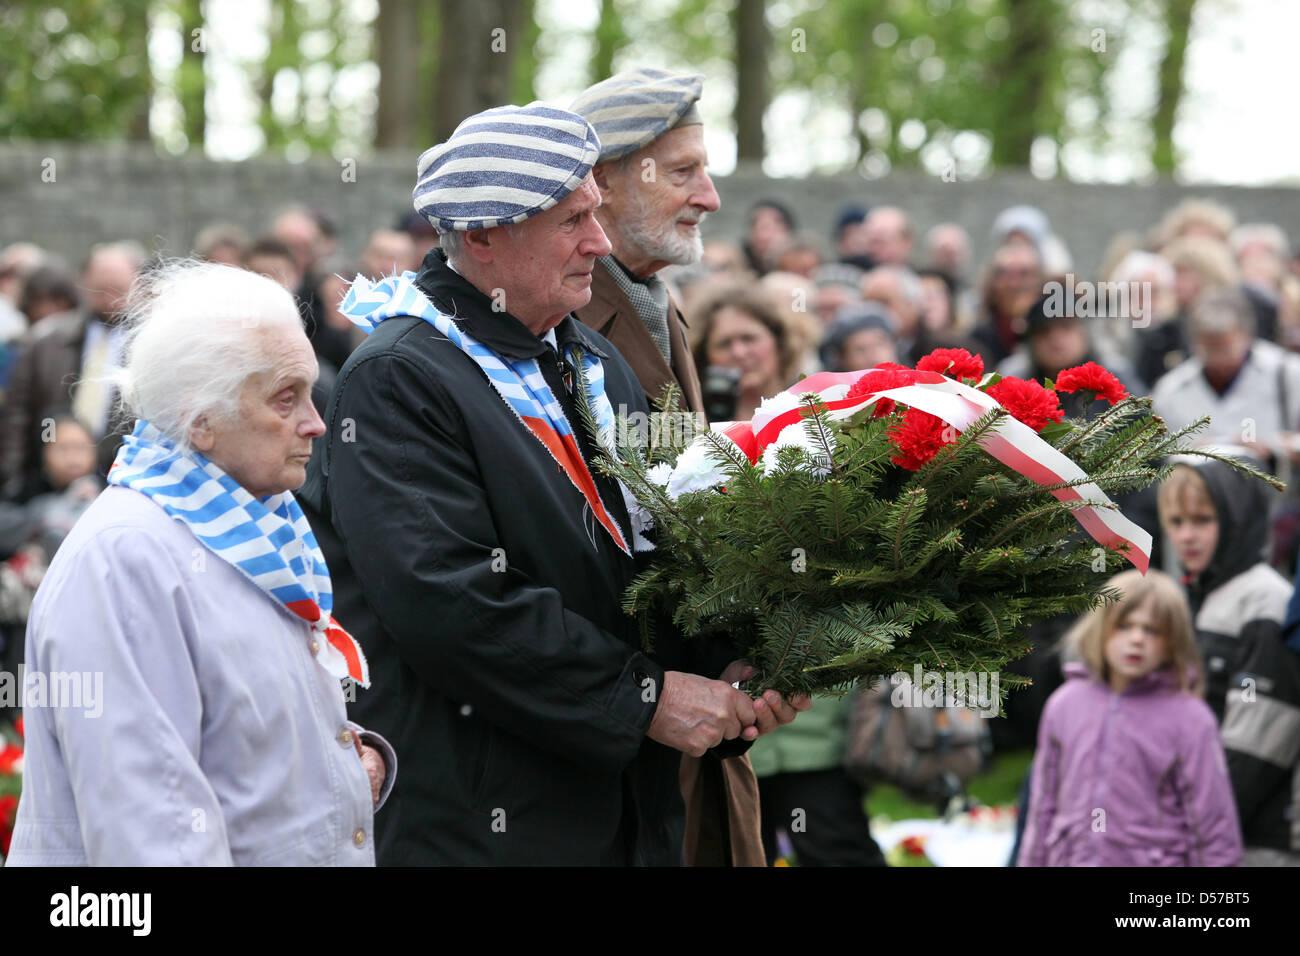 Die KZ-Überlebenden Henryka Sierota (l-r), Stanislaw Zalewski und Kahl Januz nehmen am Dienstag (04.05.2010) an Stock Photo